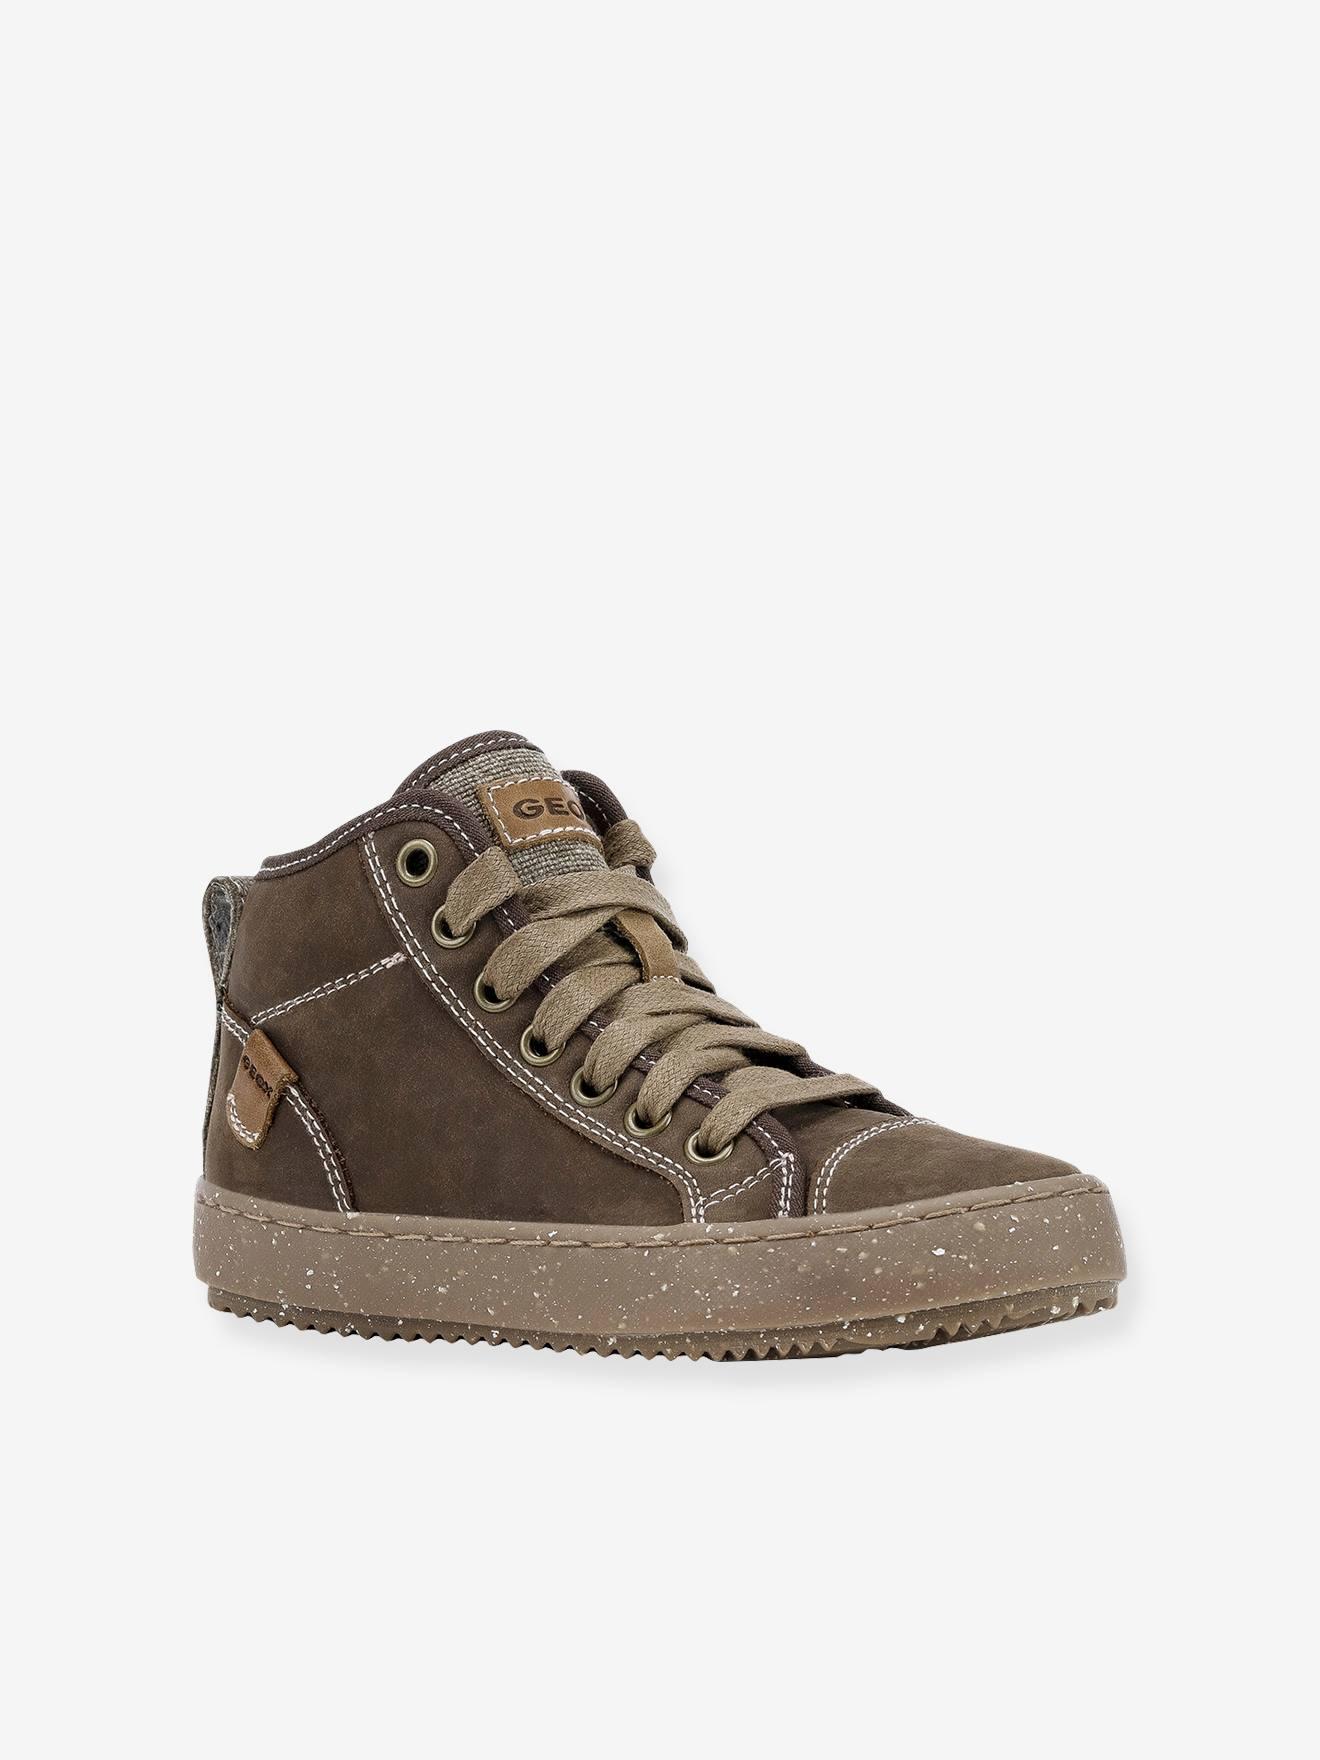 Chaussures enfant garçon Geox WWF vertbaudet